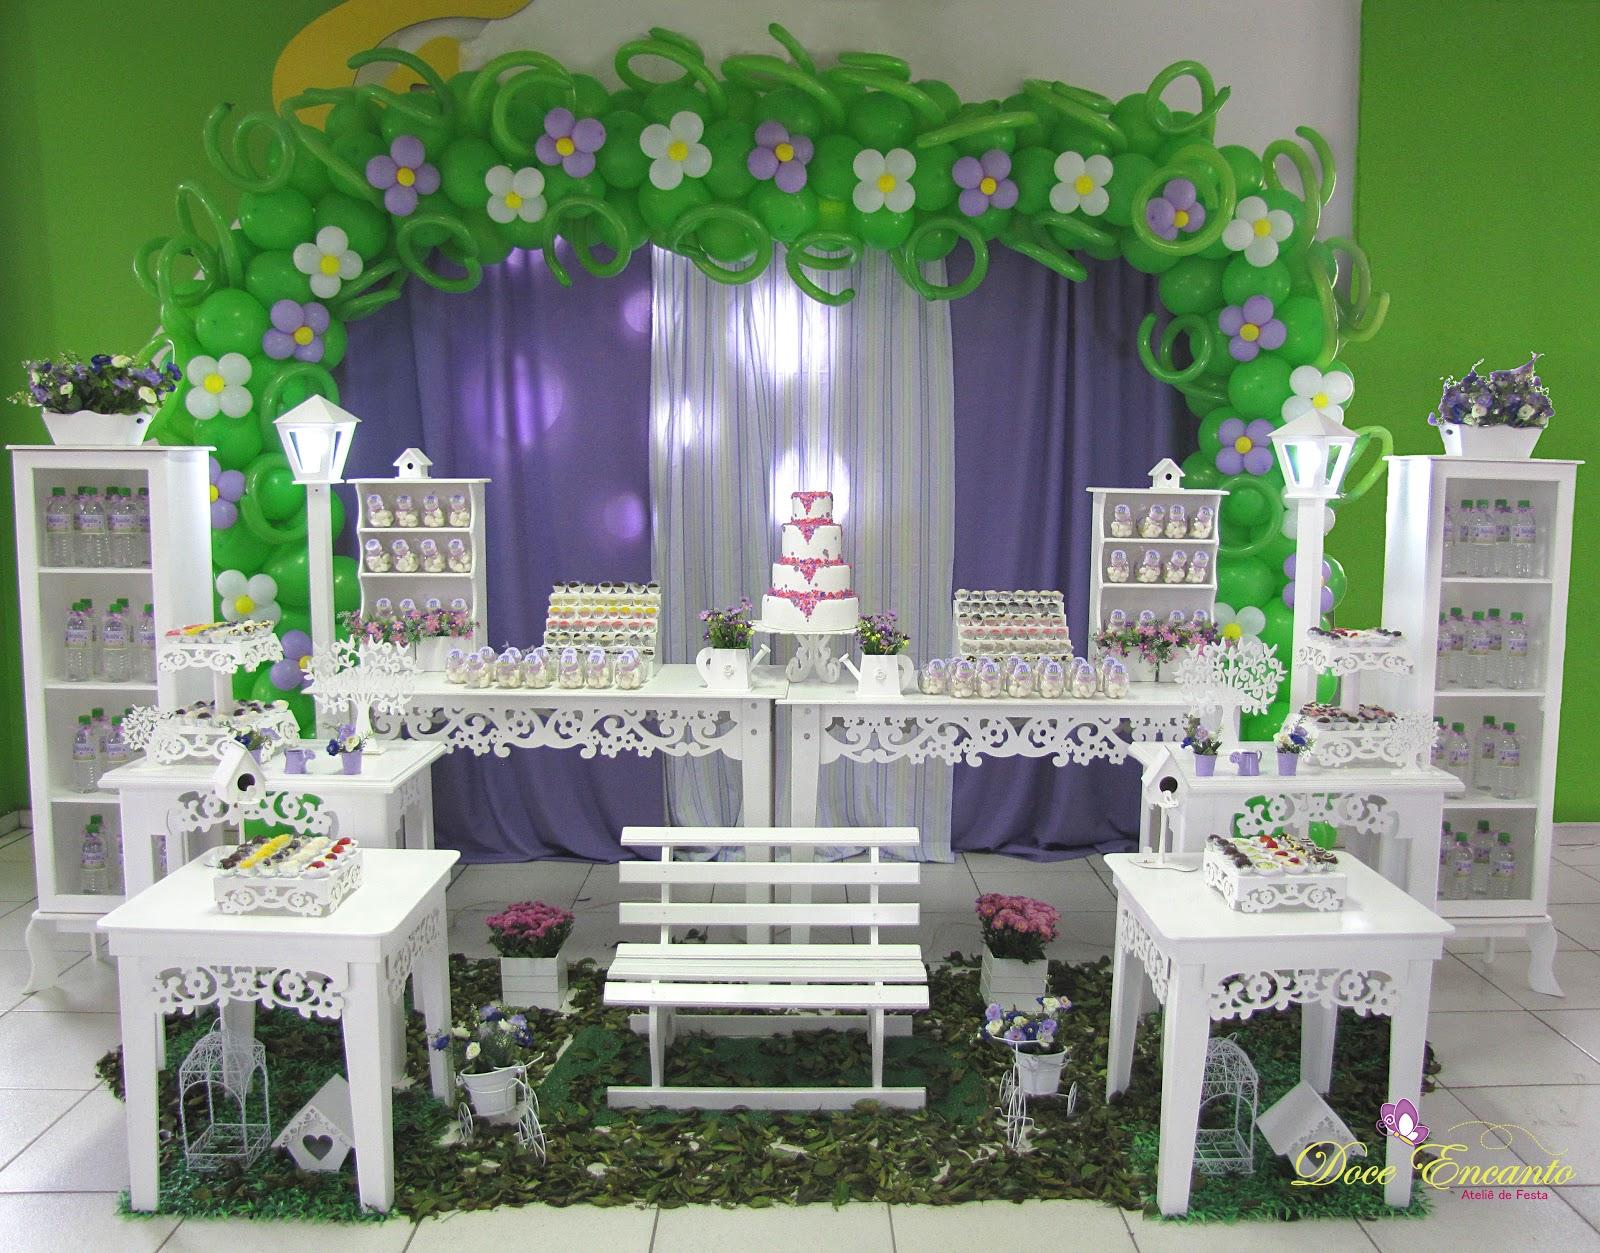 festa jardim do morro : festa jardim do morro:também foram feitos pela equipe da doce encanto ateliê de festa